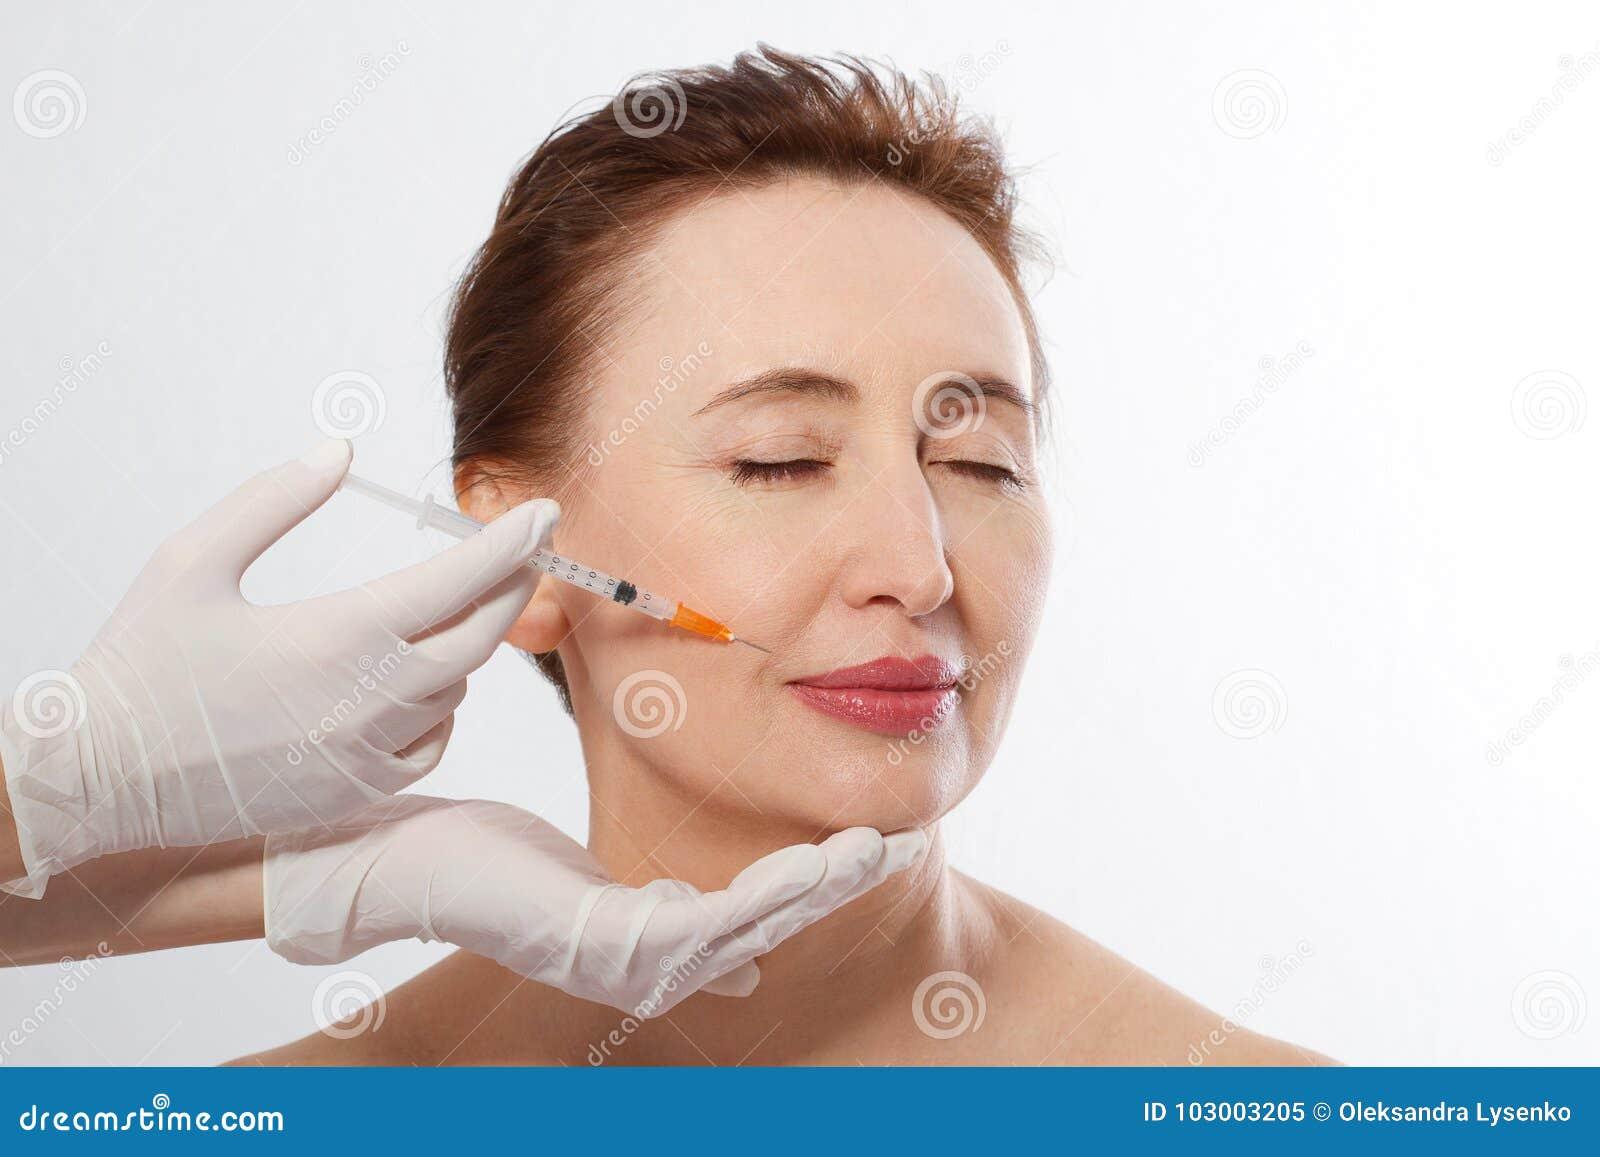 Mittelalterfrau 40s, die anhebende botox Einspritzung in den Lippen durch Doktor lokalisiert auf weißem Hintergrund erhält Makro